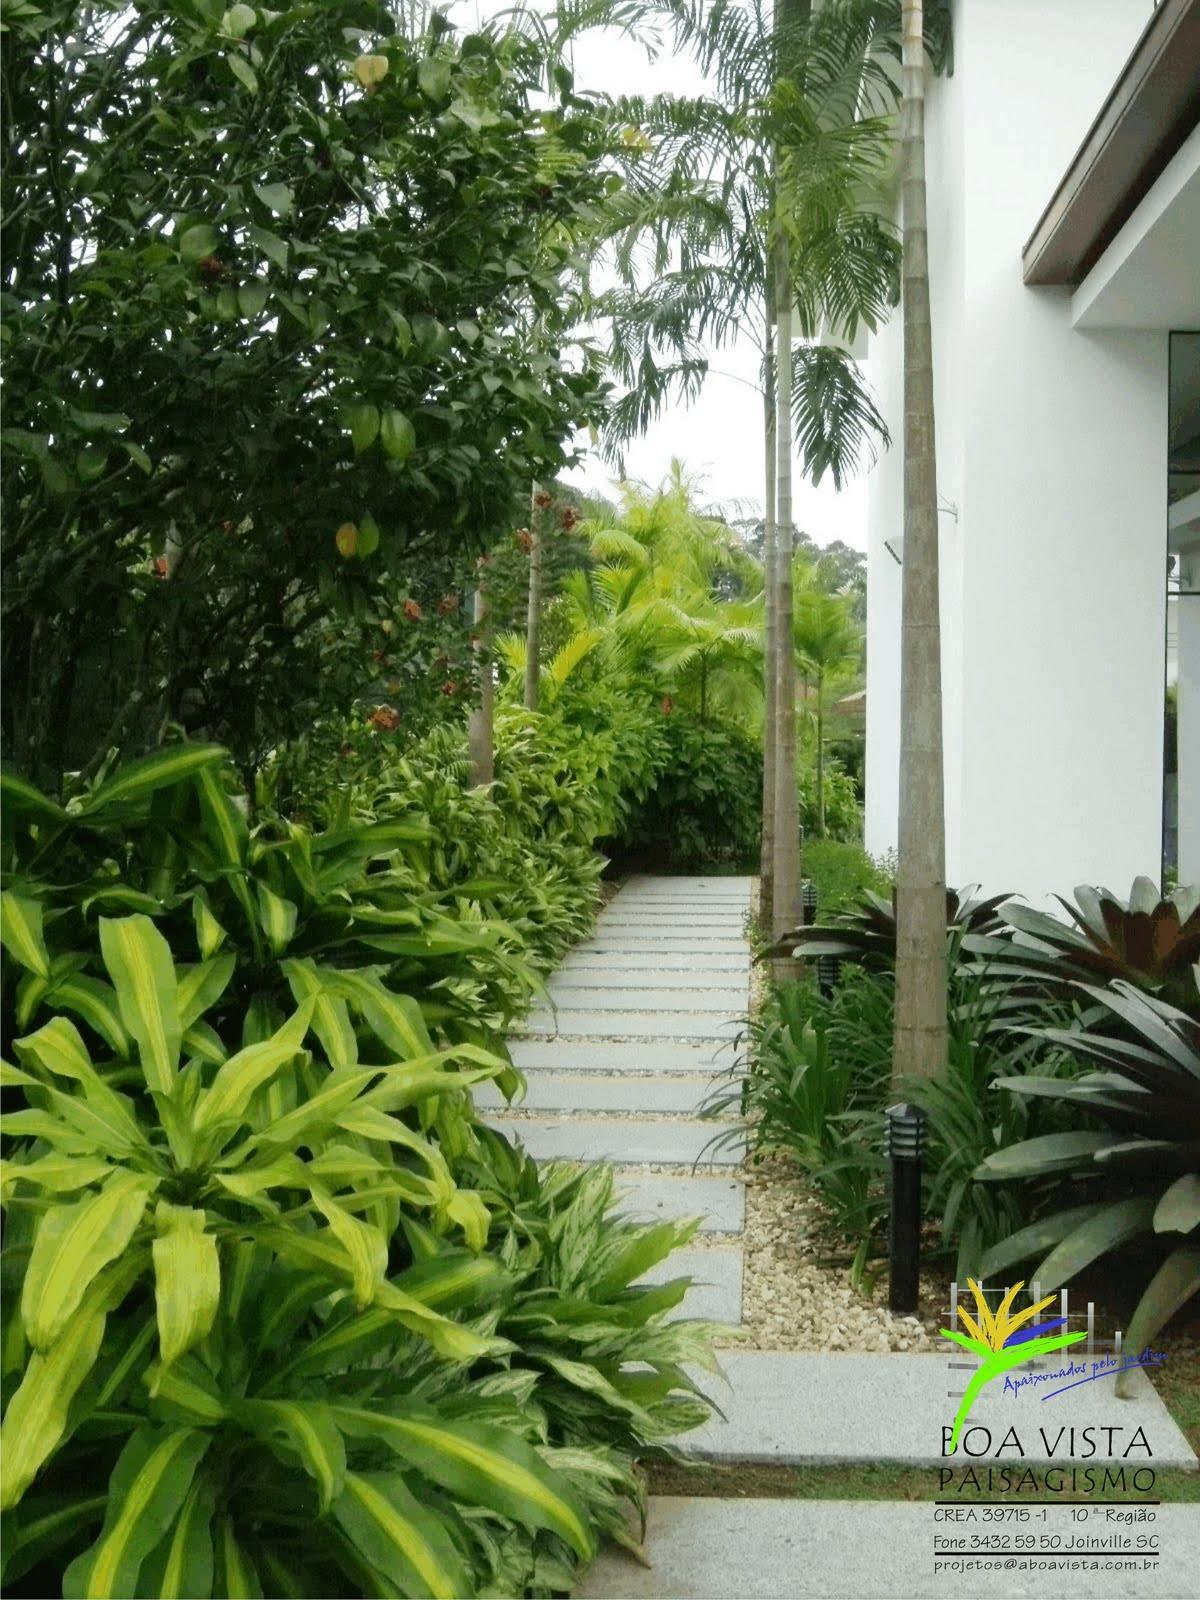 fotos de jardim residencial pequenoJardim Residencial